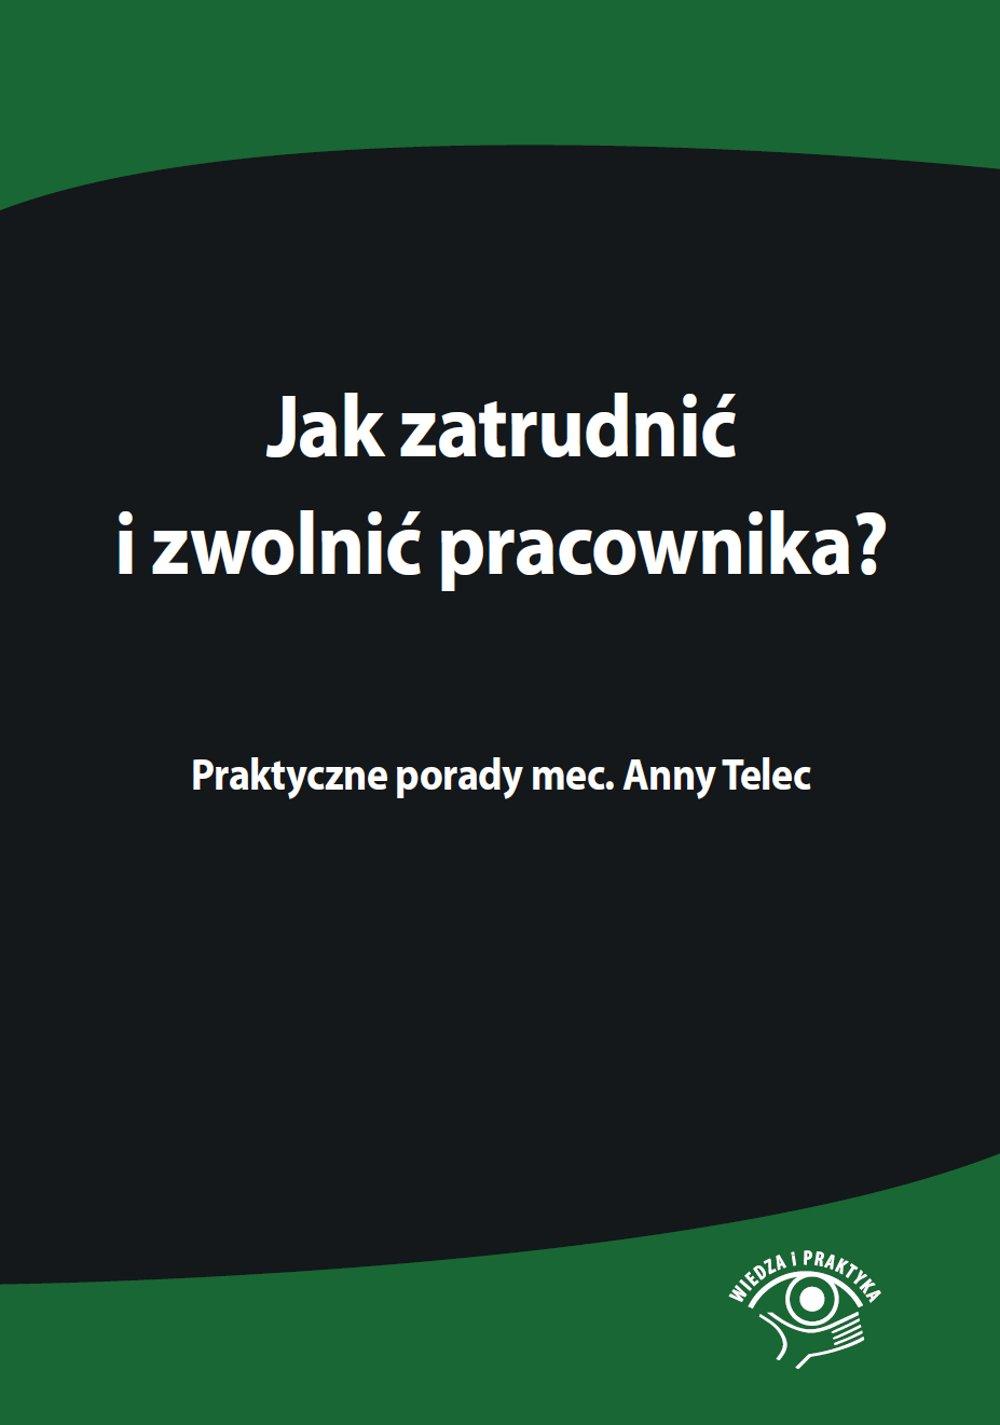 Jak zatrudnić i zwolnić pracownika. Praktyczne porady mec. Anny Telec - Ebook (Książka EPUB) do pobrania w formacie EPUB